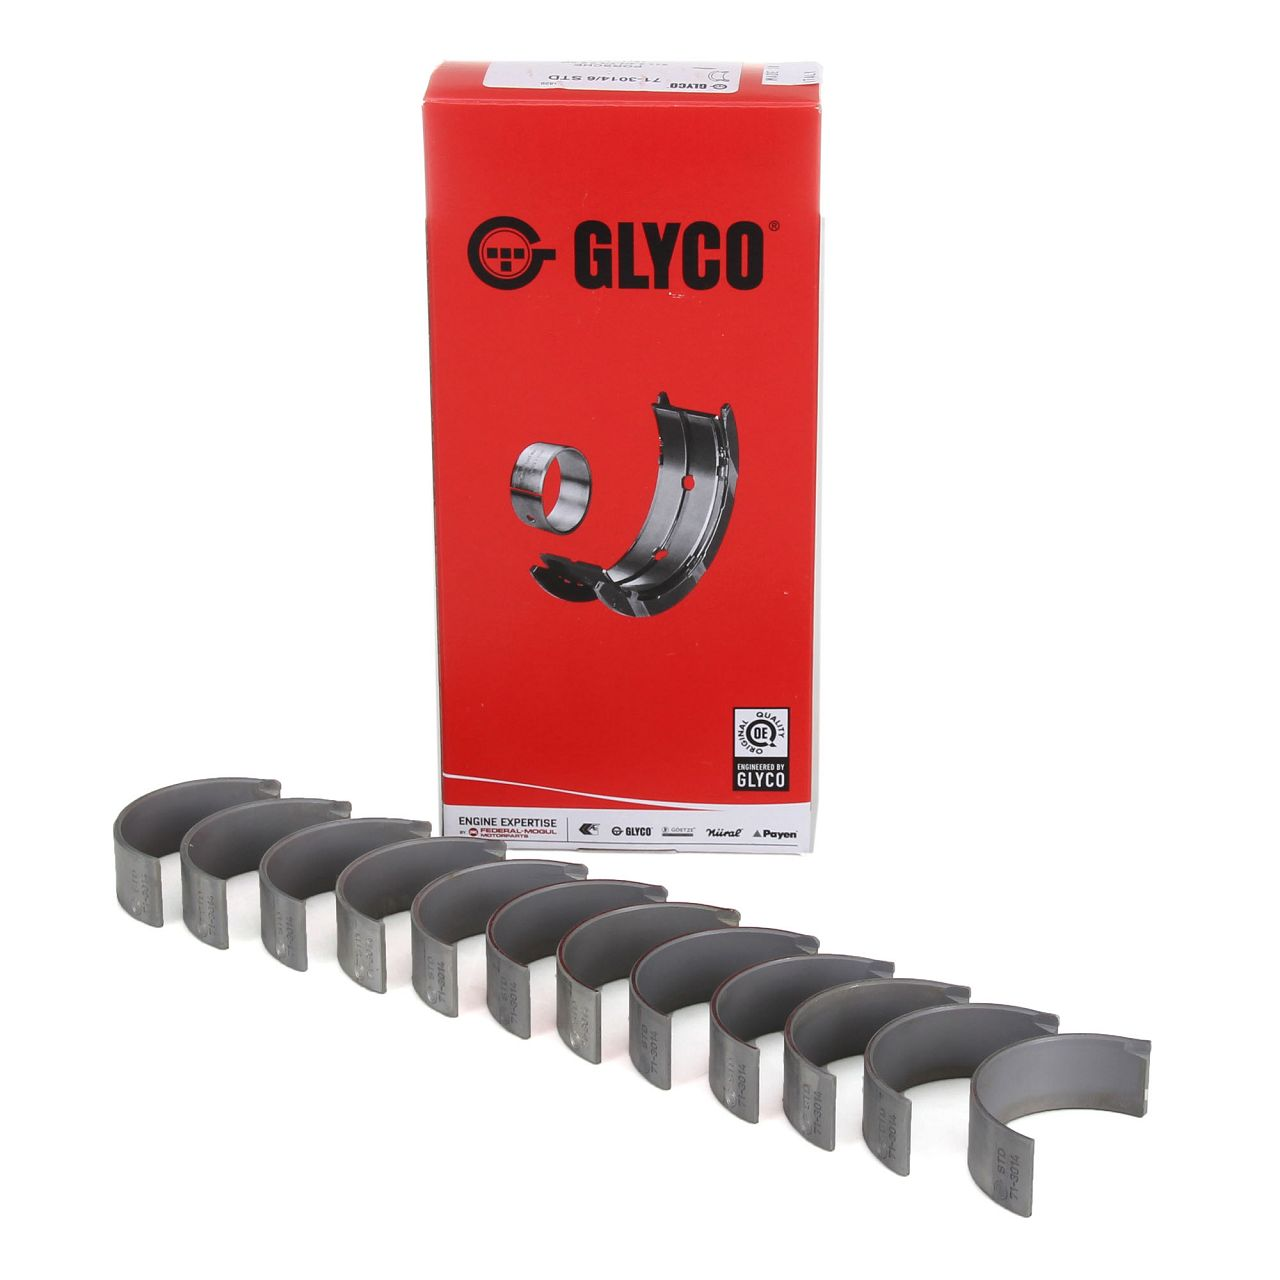 GLYCO 71-3014/6 STD Pleuellager Satz PORSCHE 2.3 2.7 3.0 150-209 PS 1971-1979